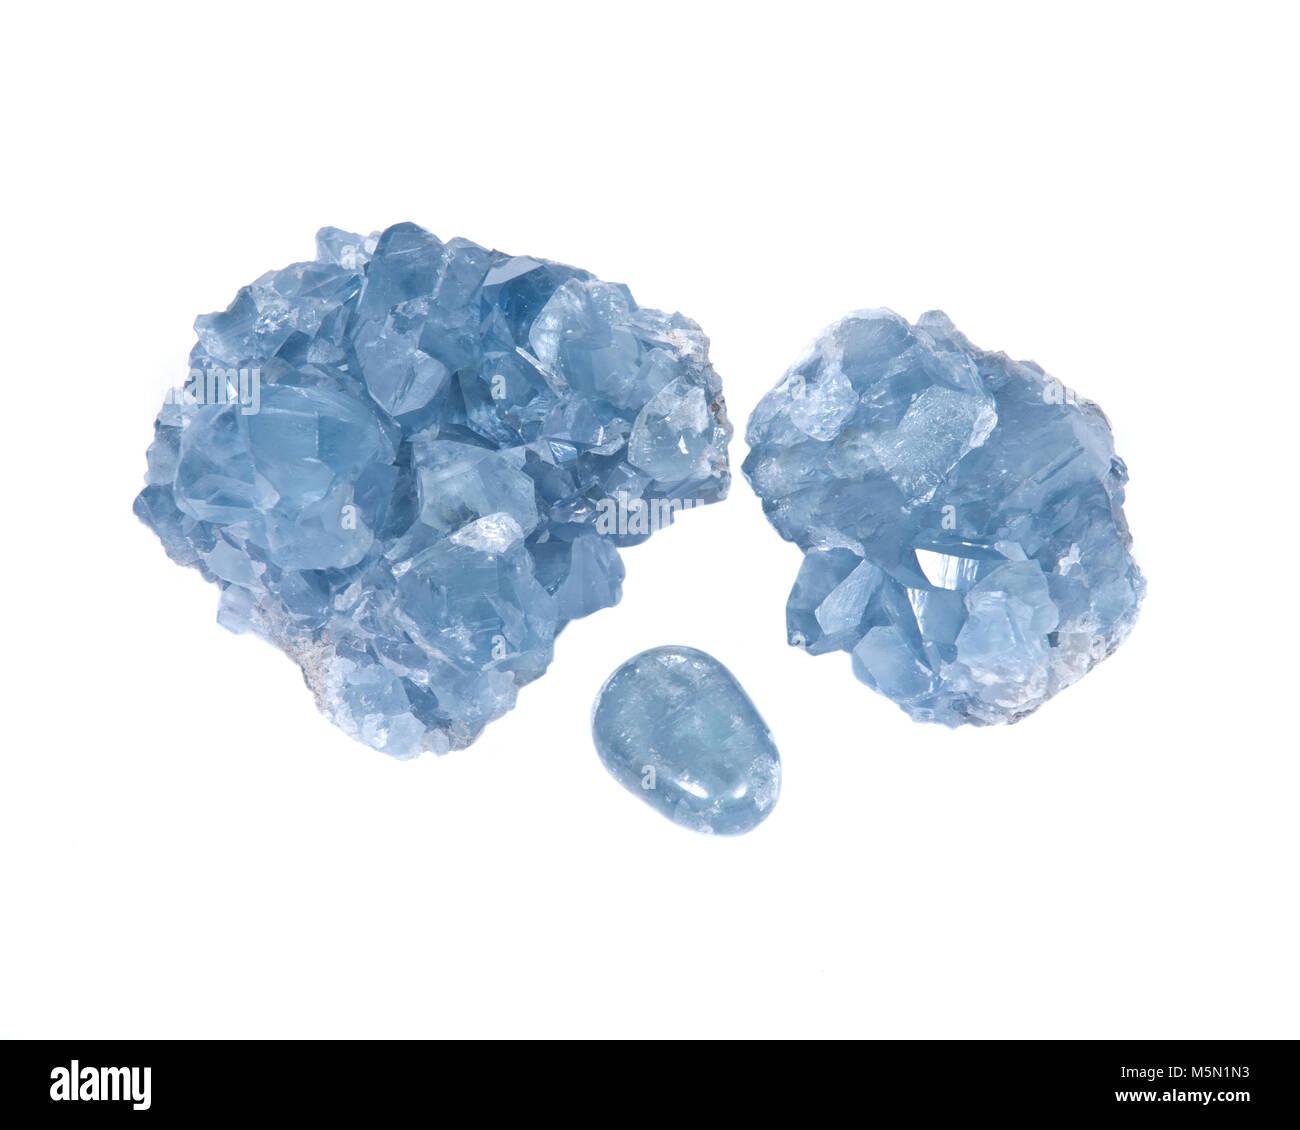 Blue celestite cluster and polished celestite palm stone isolated on white background - Stock Image